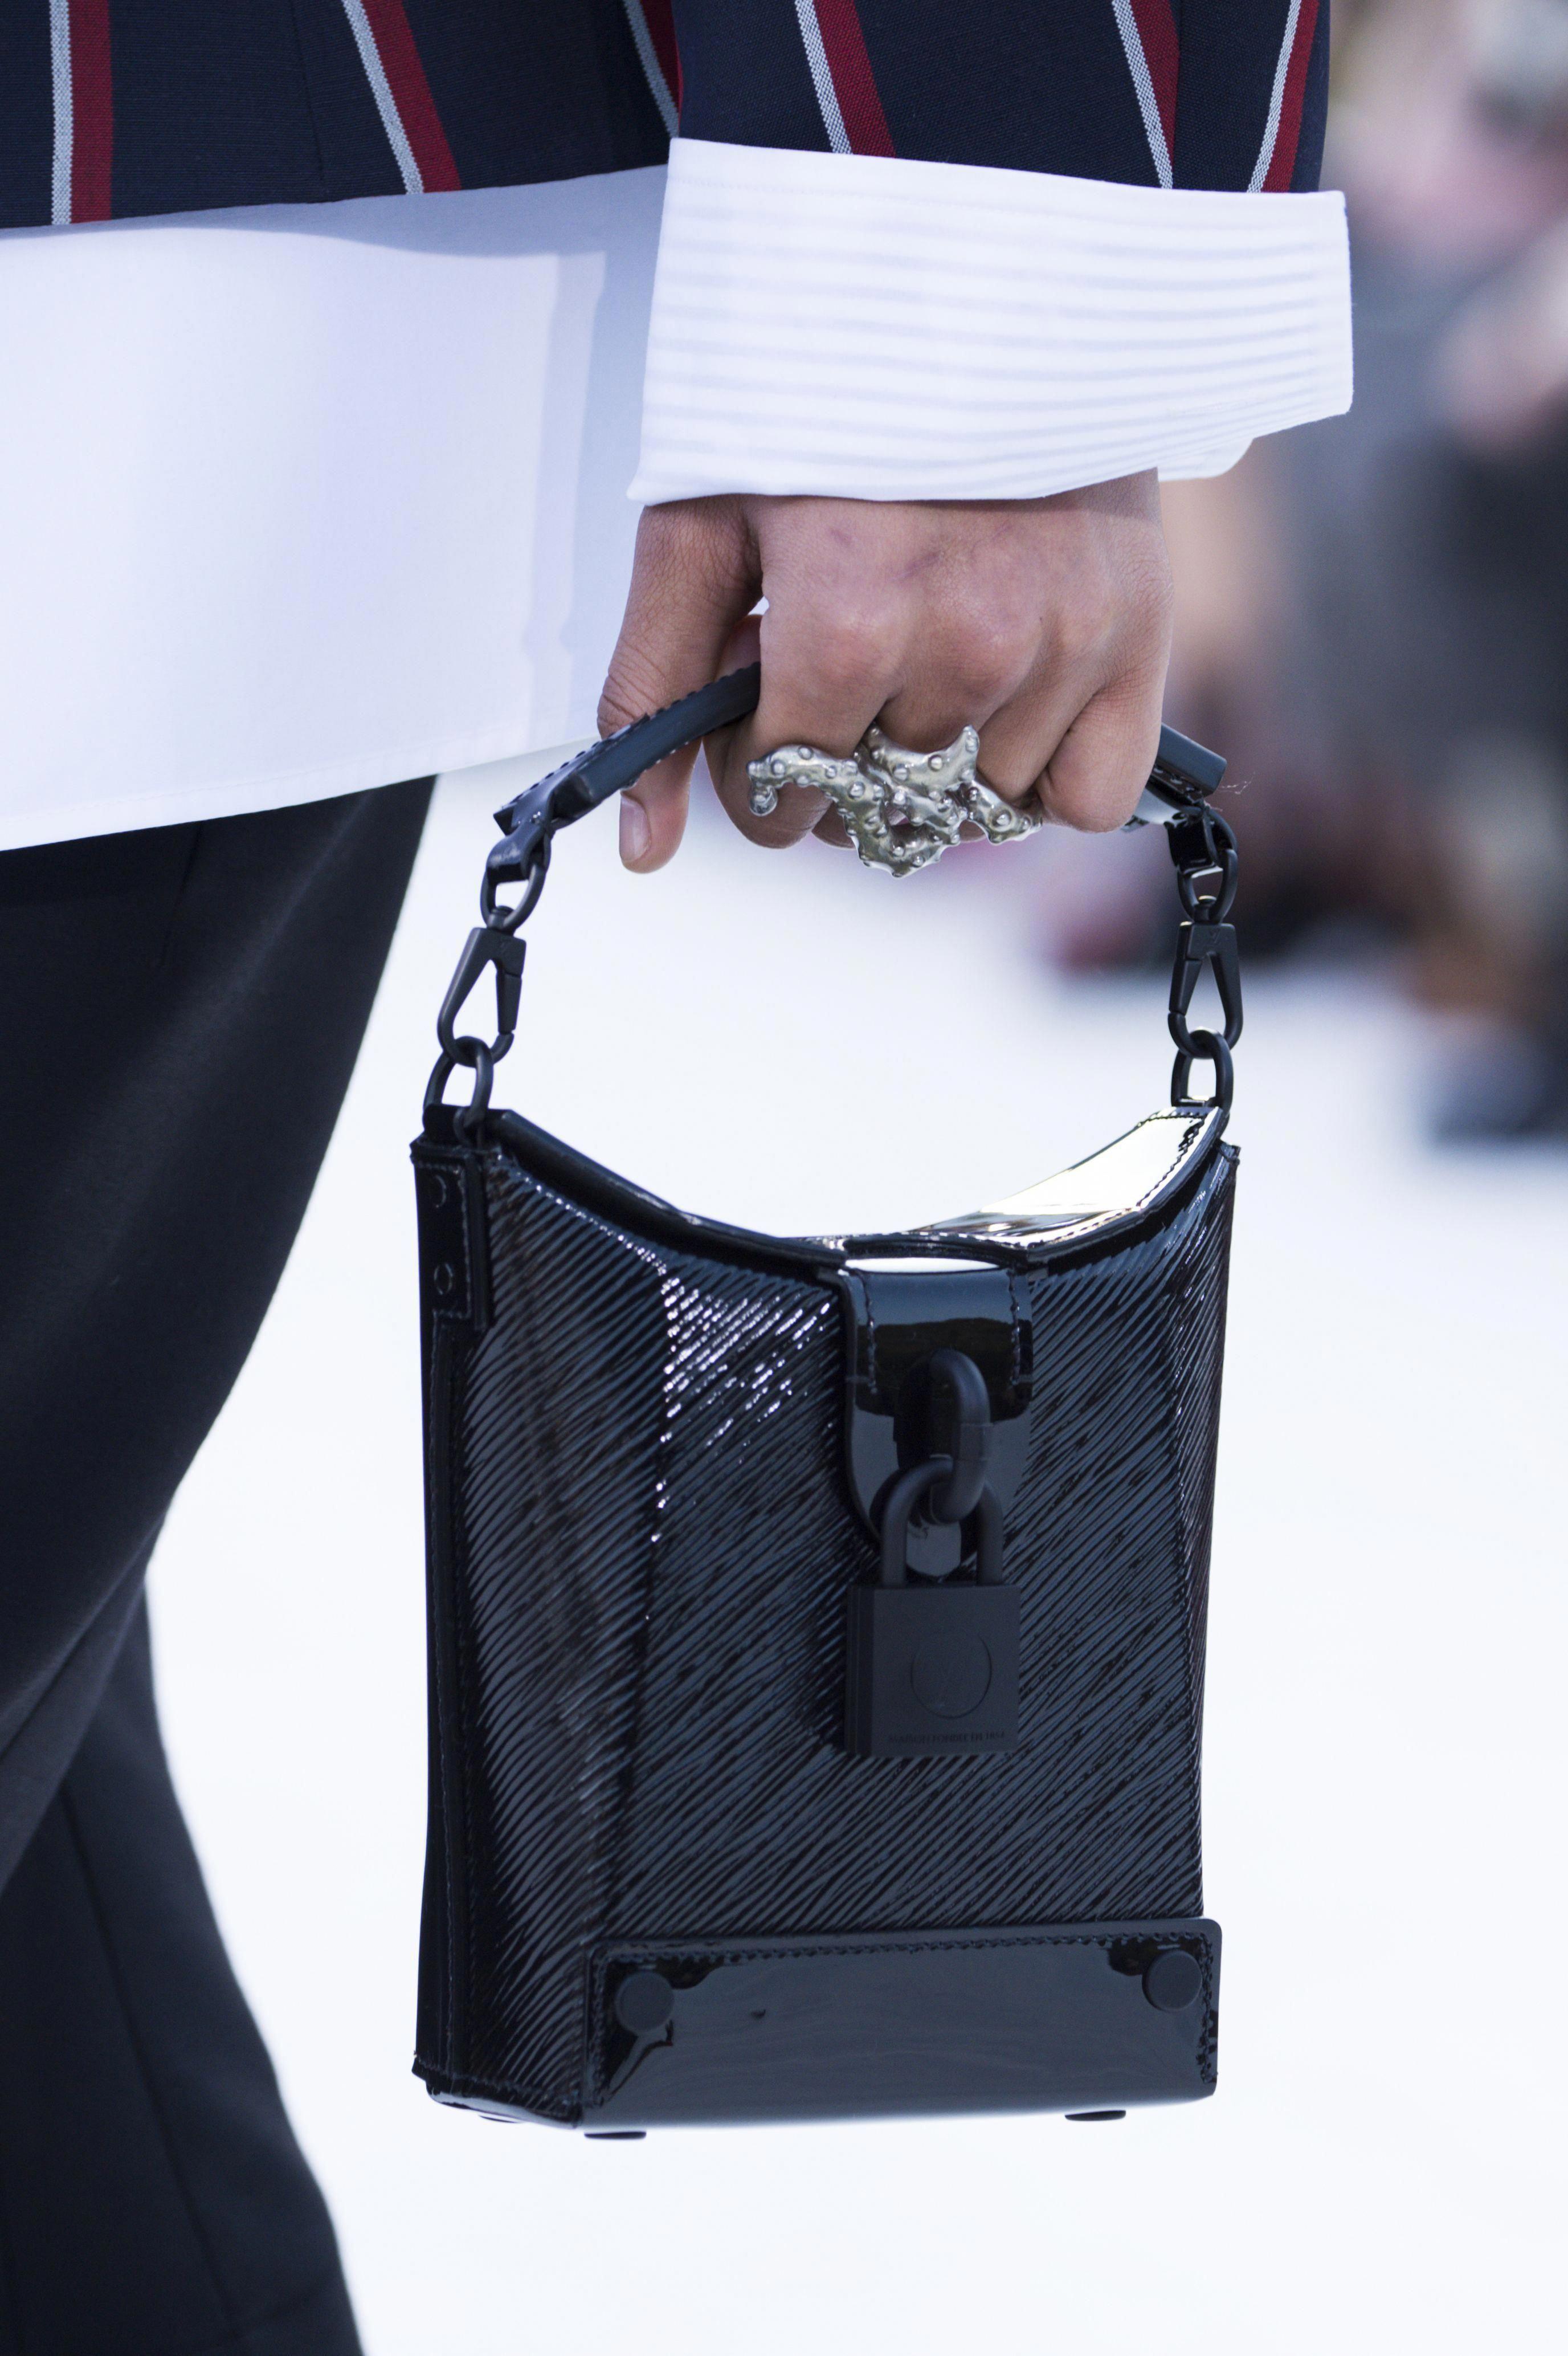 21b8f39e31d2 Bag from the Louis Vuitton Cruise 2018 Fashion Show by Nicolas Ghesquière